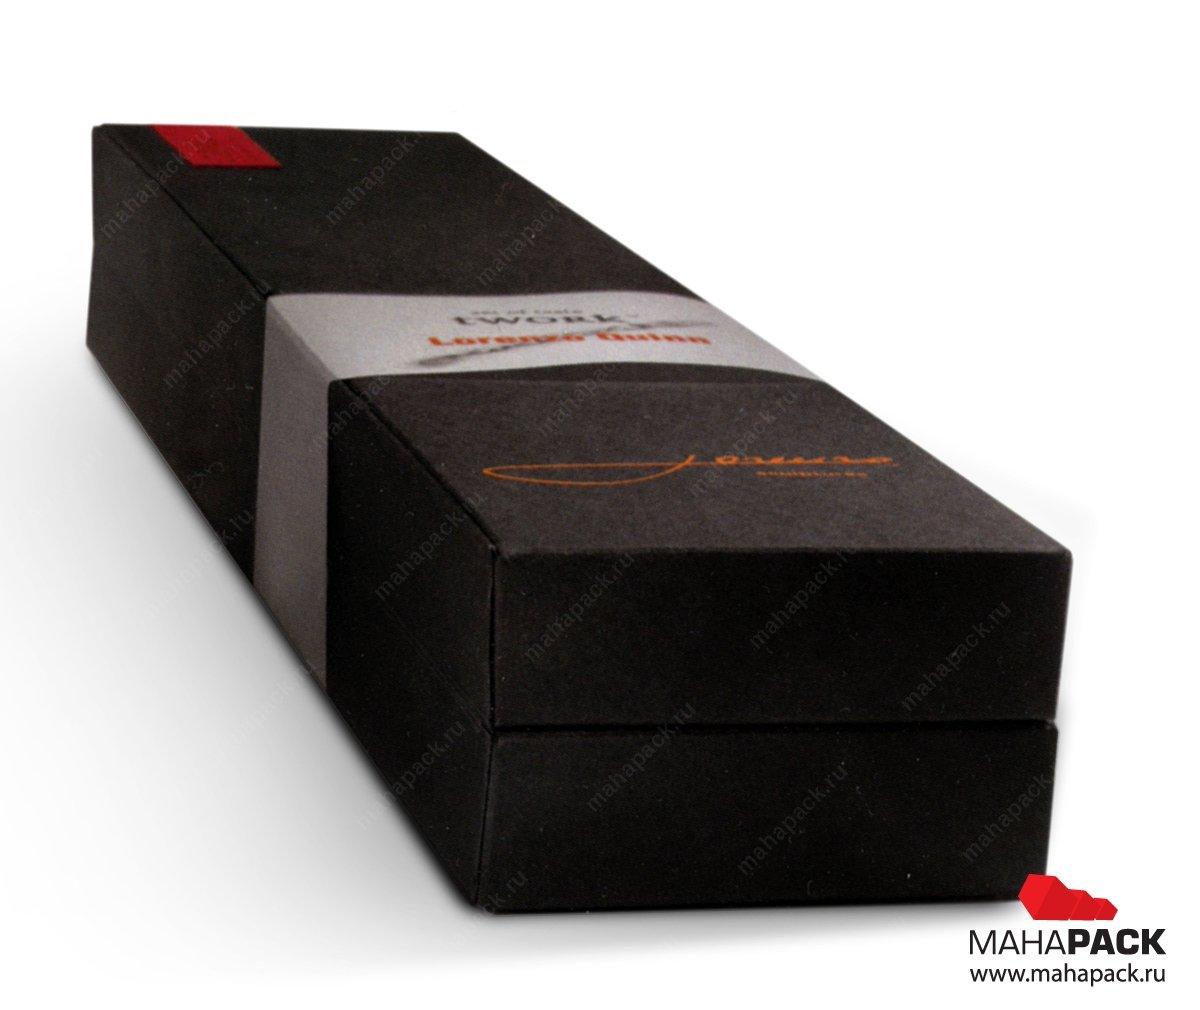 Индивидуальная упаковка для столовых приборов